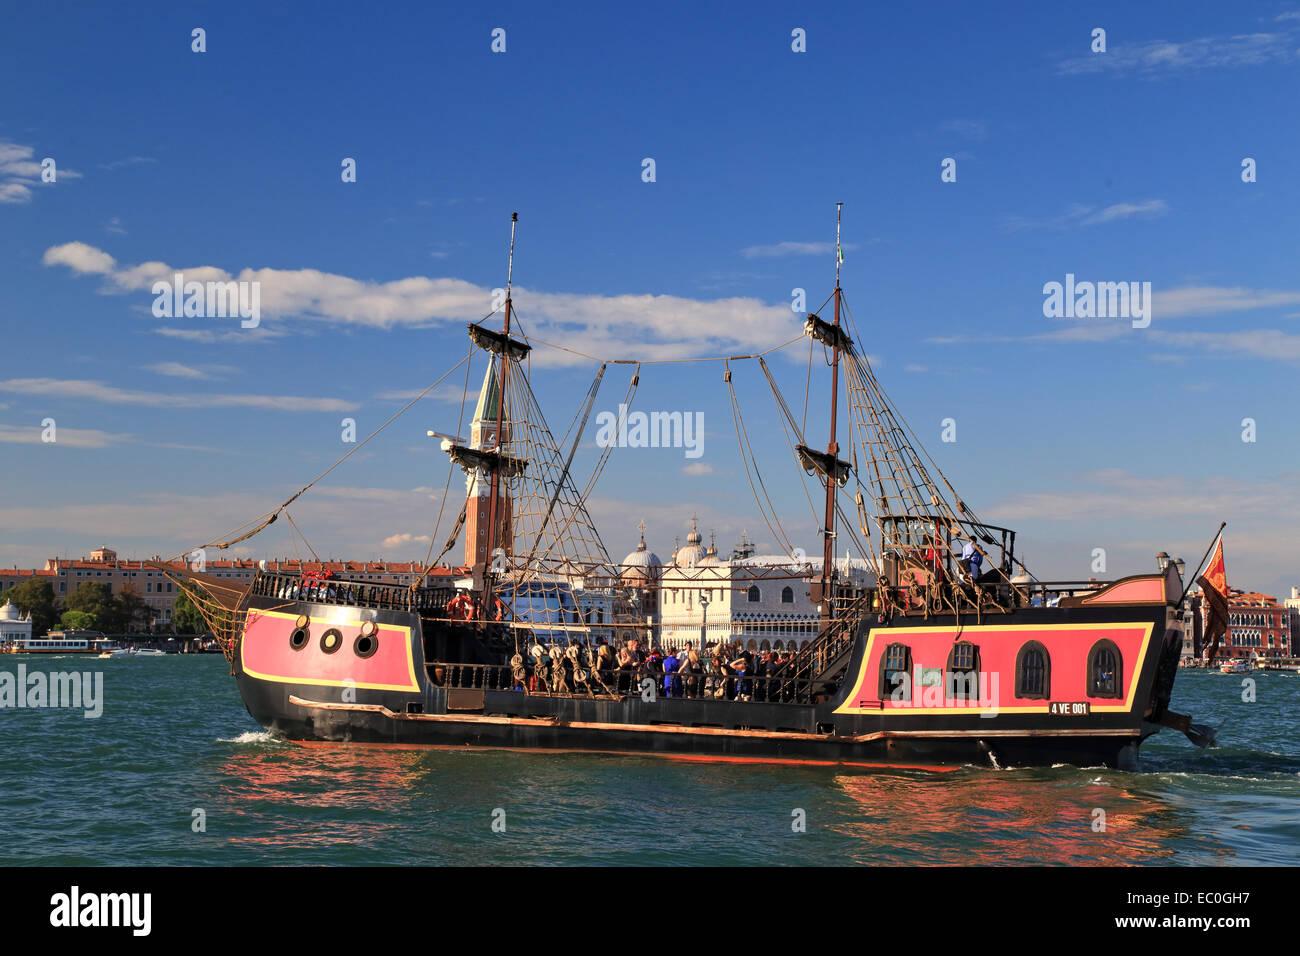 La nave pirata Jolly Roger - Il Galeone Veneziano / Galeone Veneziano, Venezia Immagini Stock